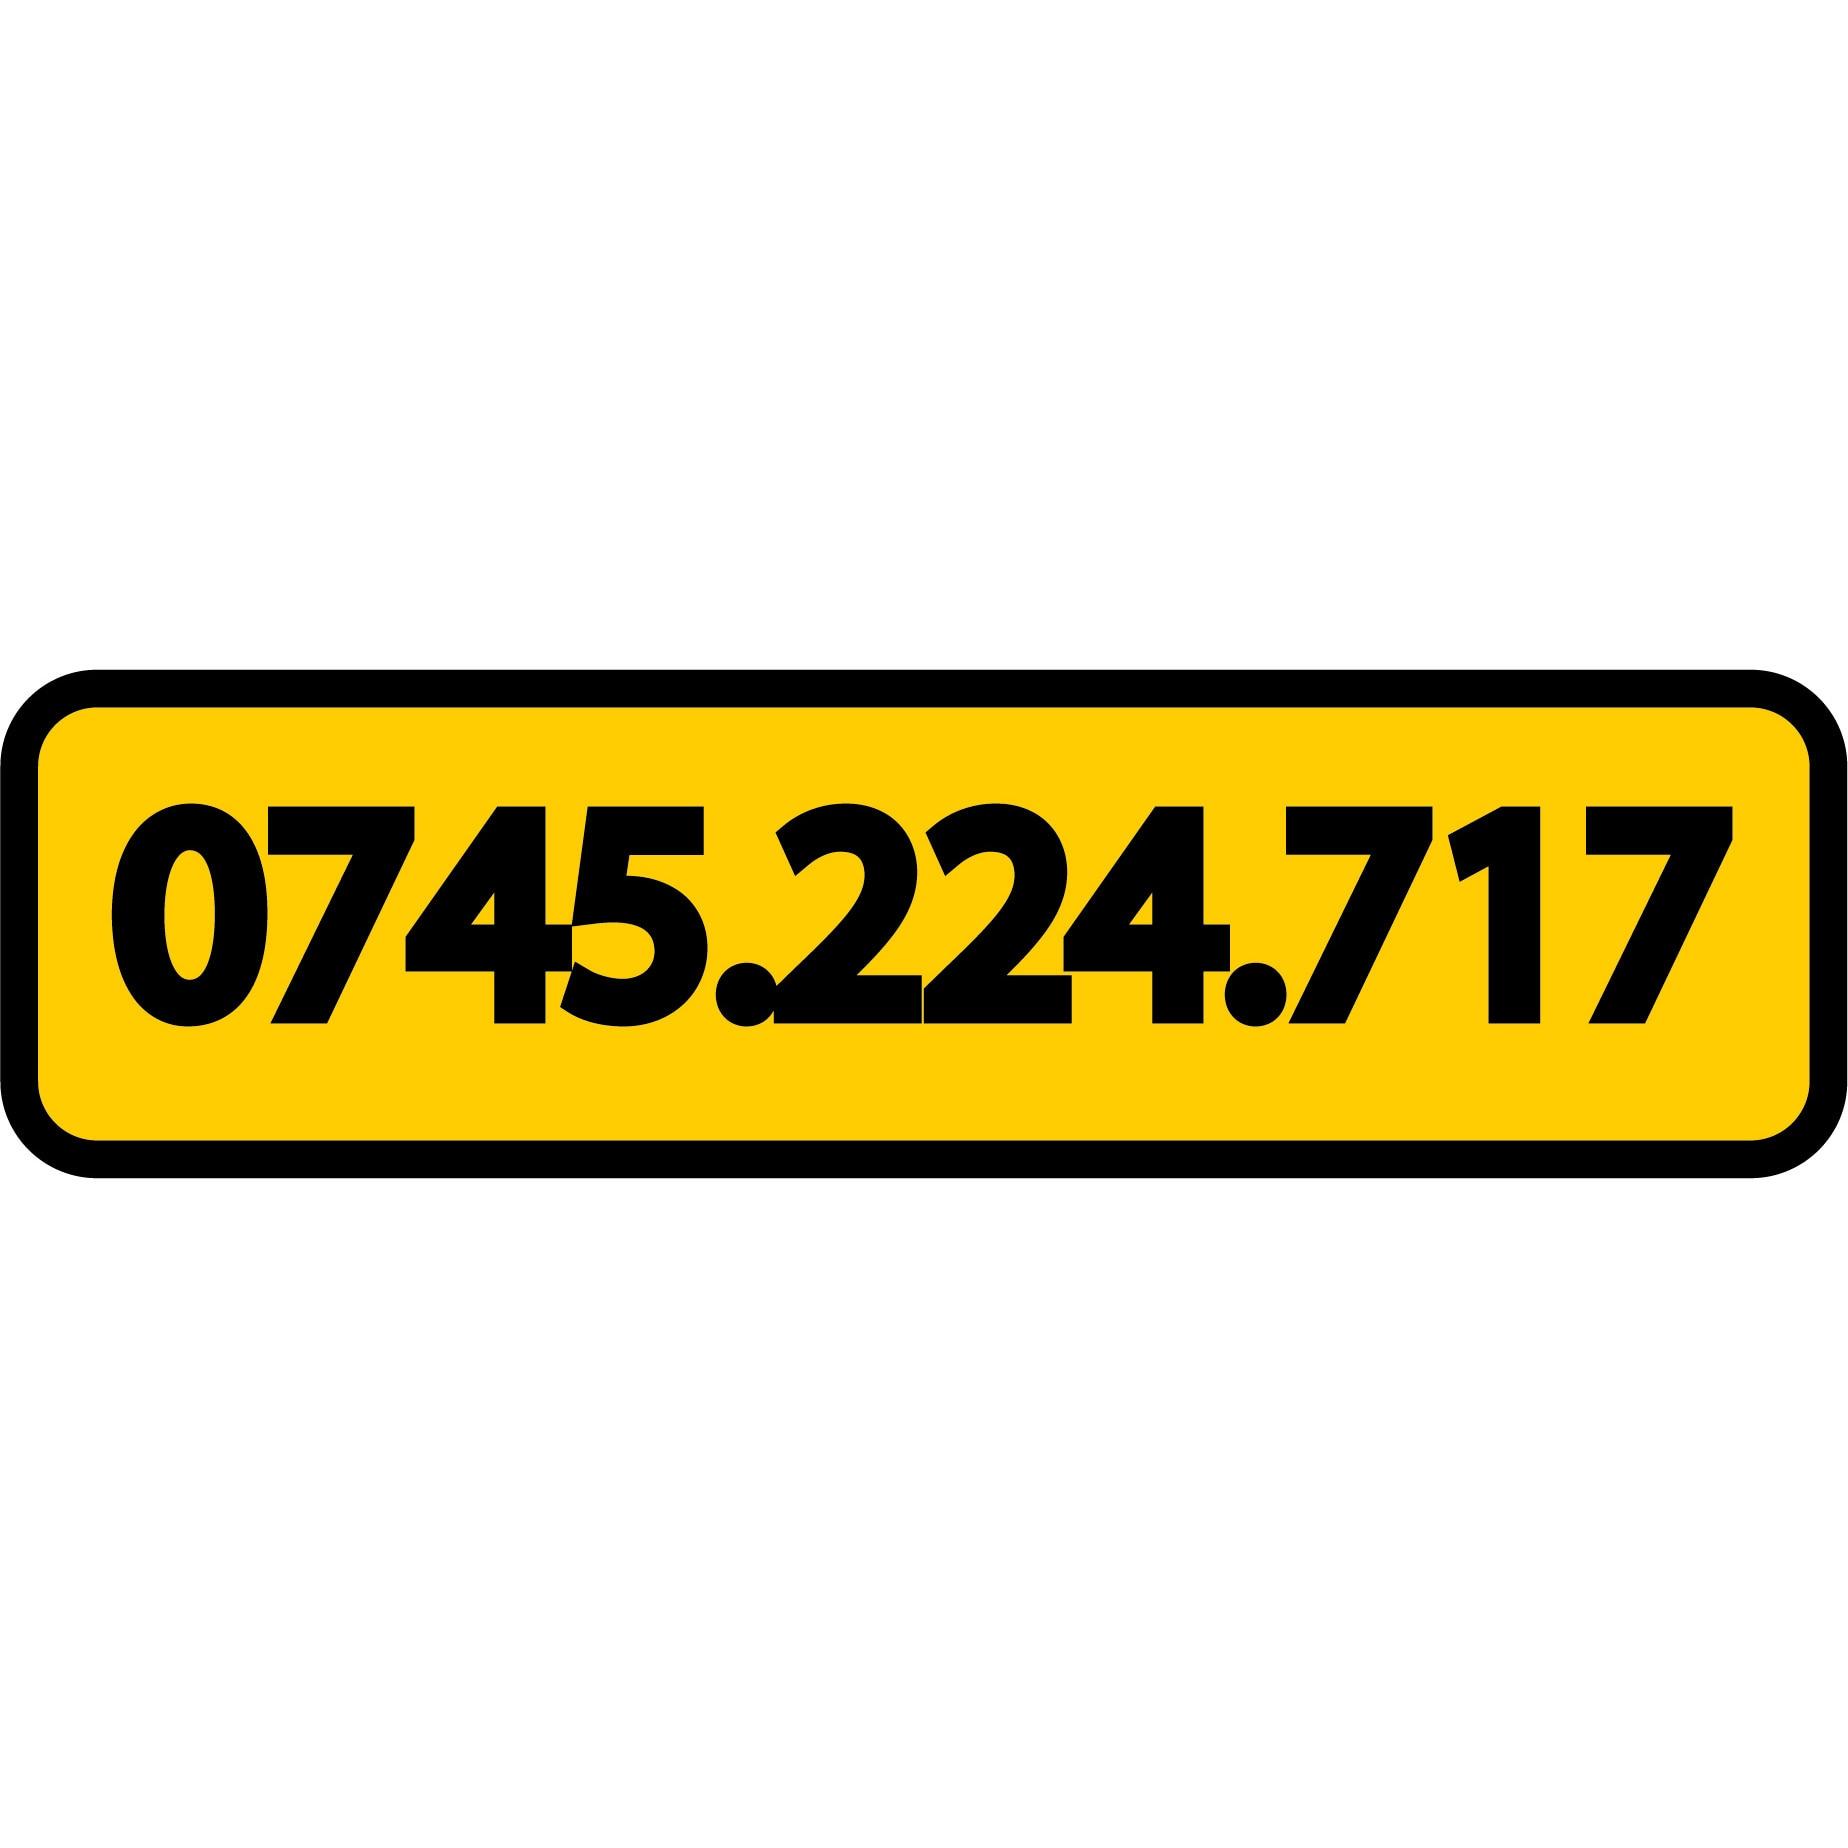 număr de telefon de telefon